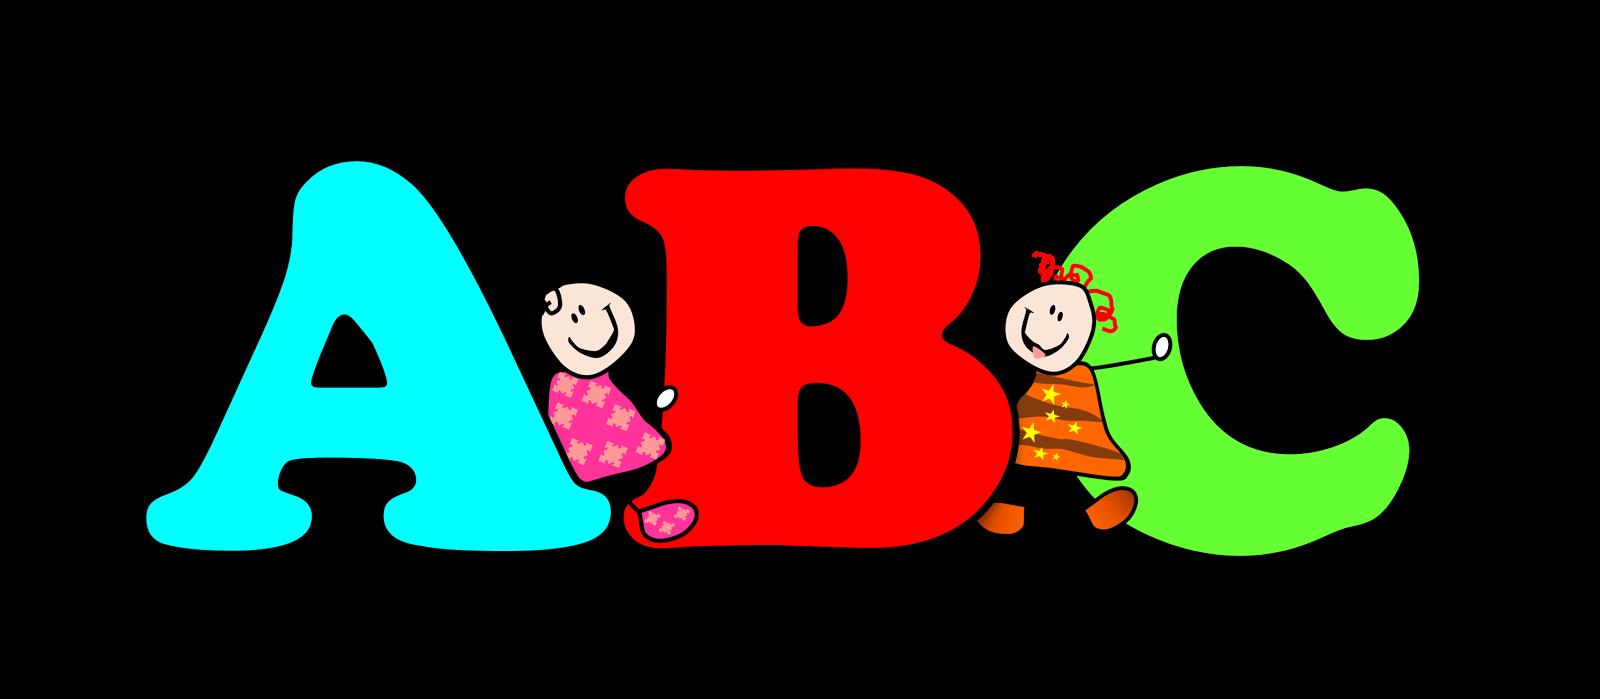 Abc Clip Art Images Illustrations Photos-Abc clip art images illustrations photos-6